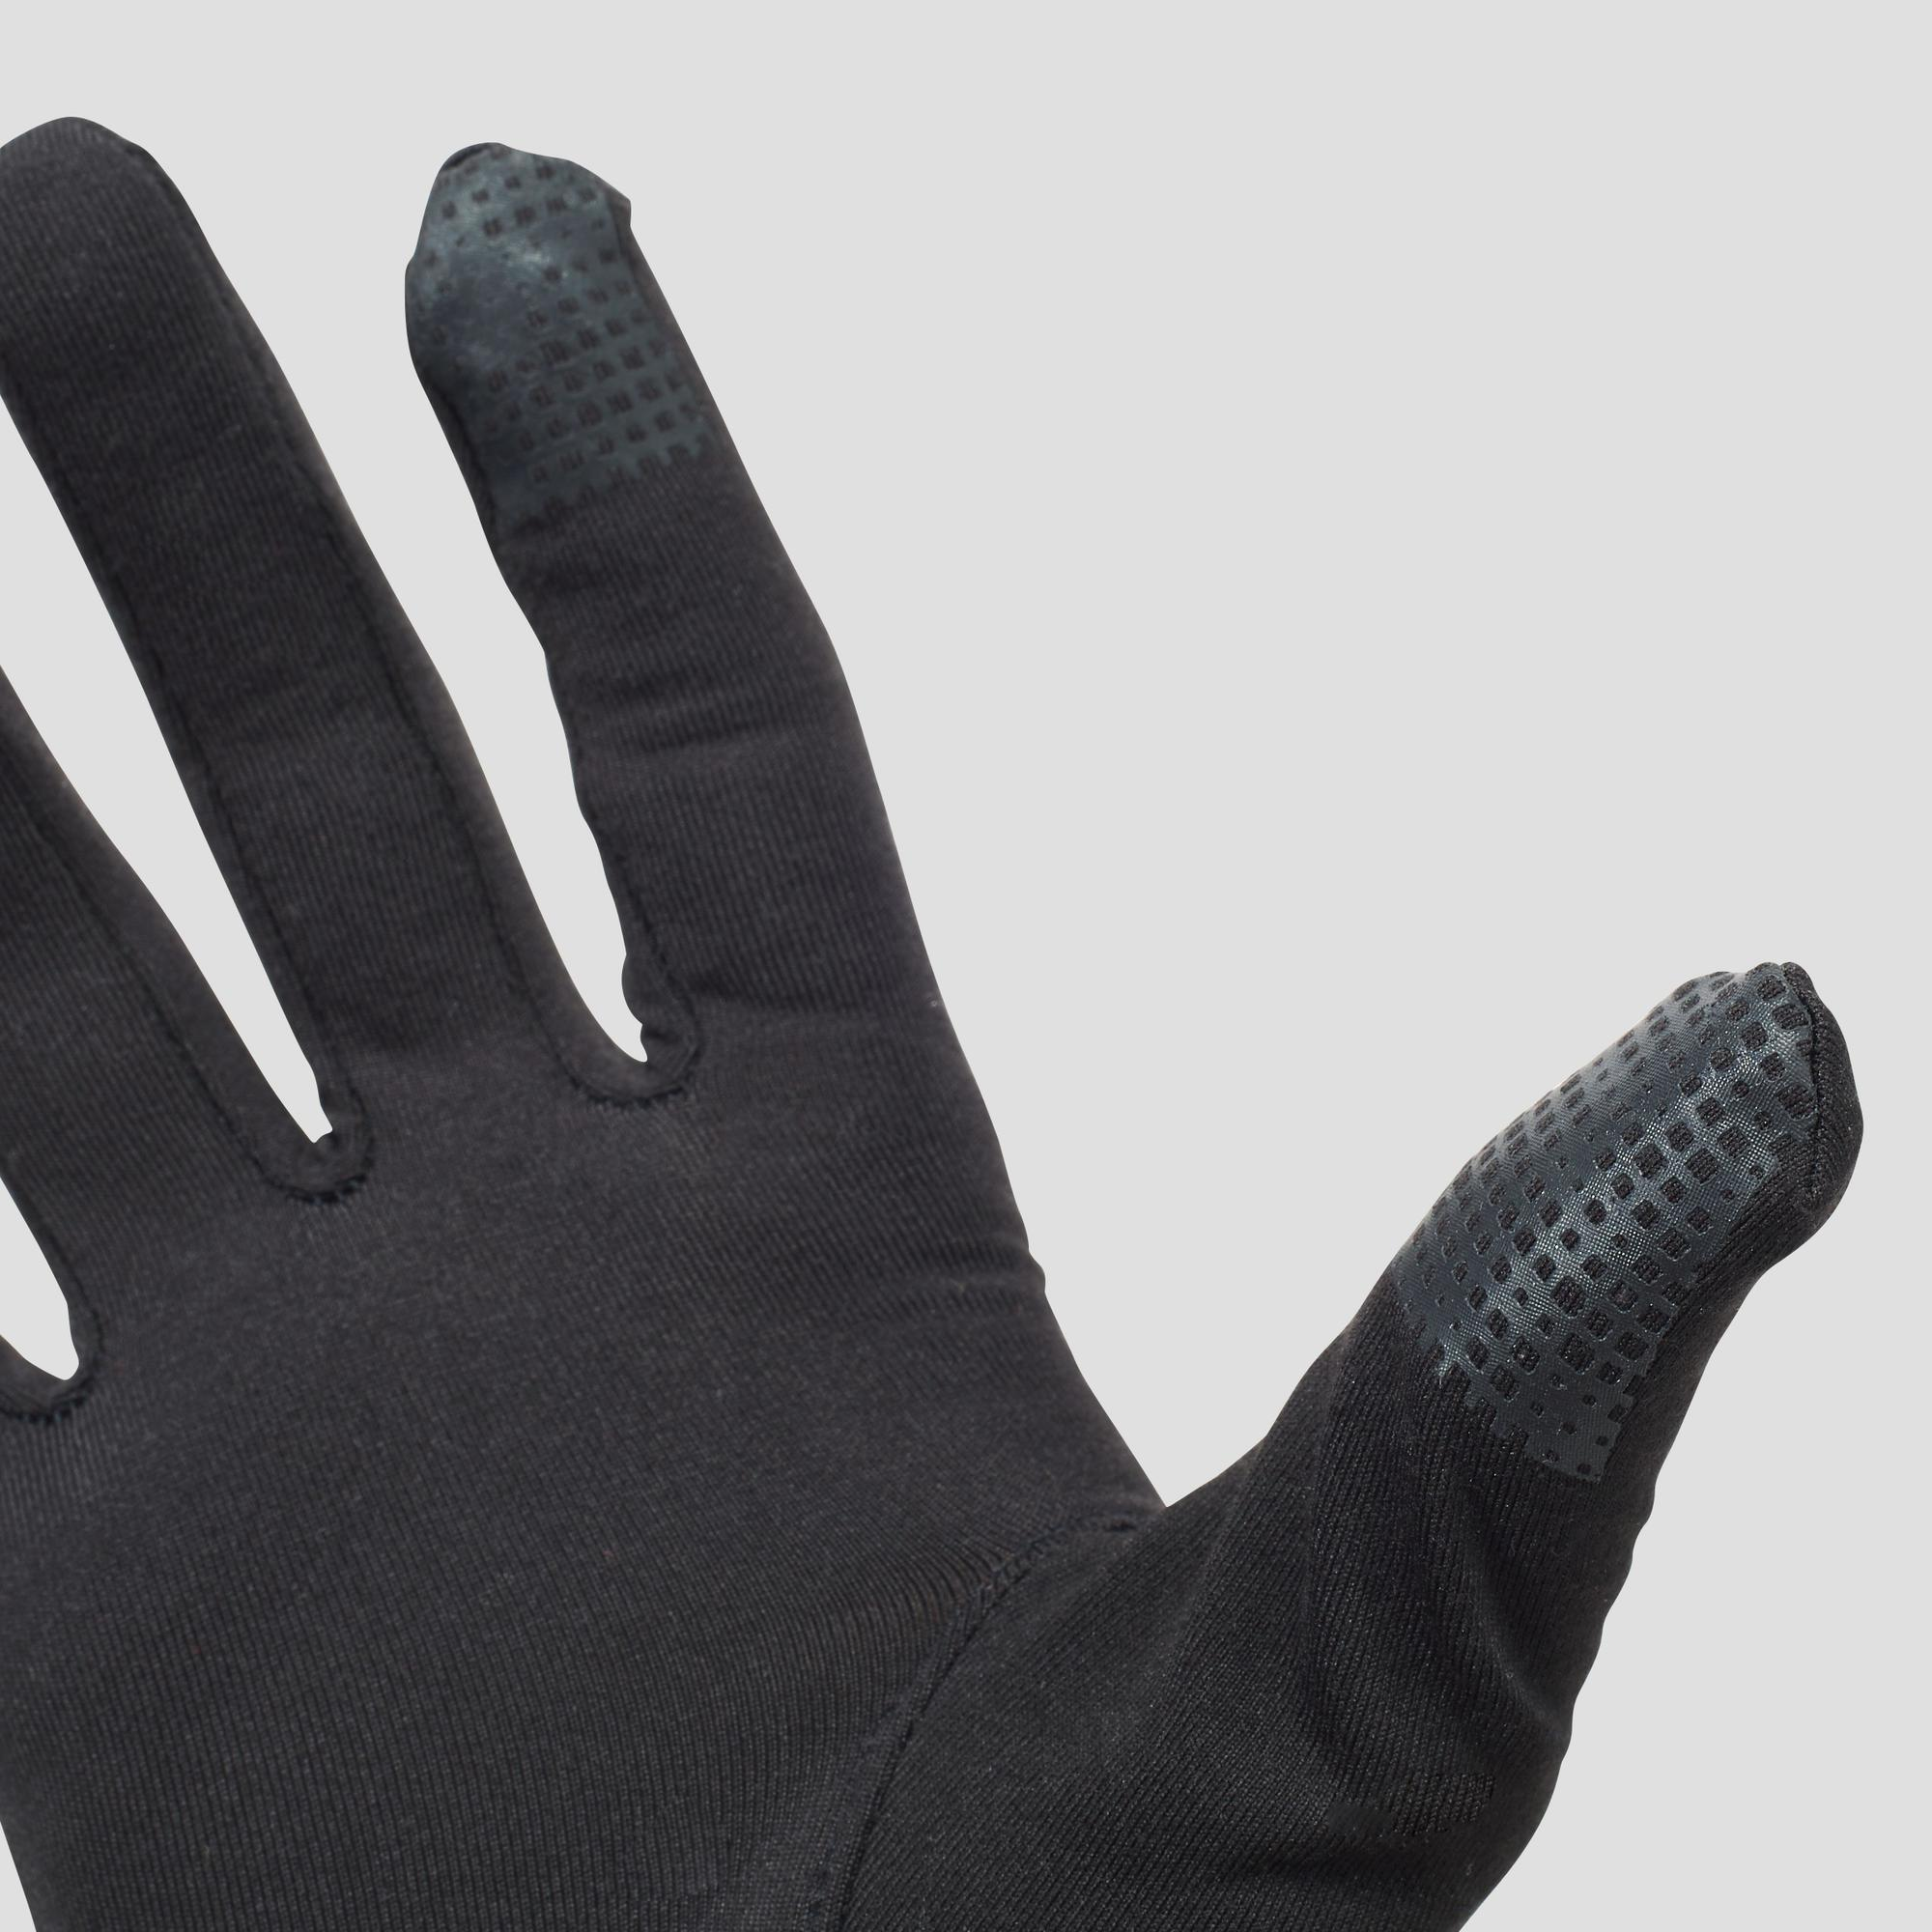 noir Runacc Unisexe Running Gants écran tactile étanche anti-dérapant M